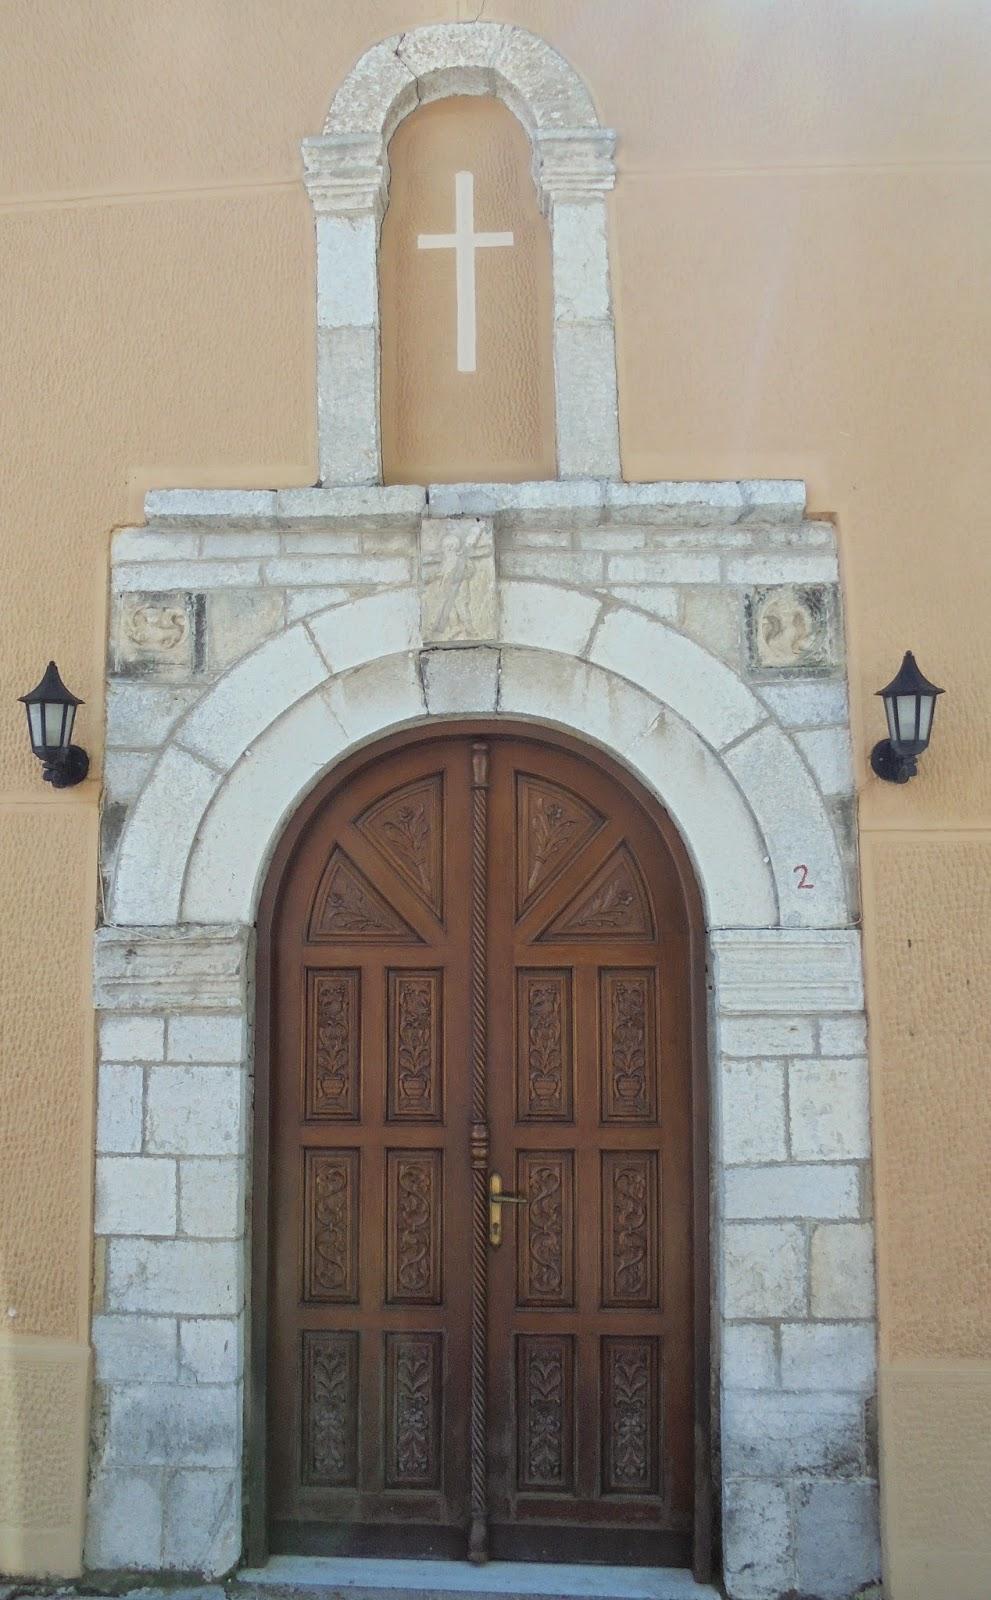 ο ναός του αγίου Σπυρίδωνα στη Βόνιτσα